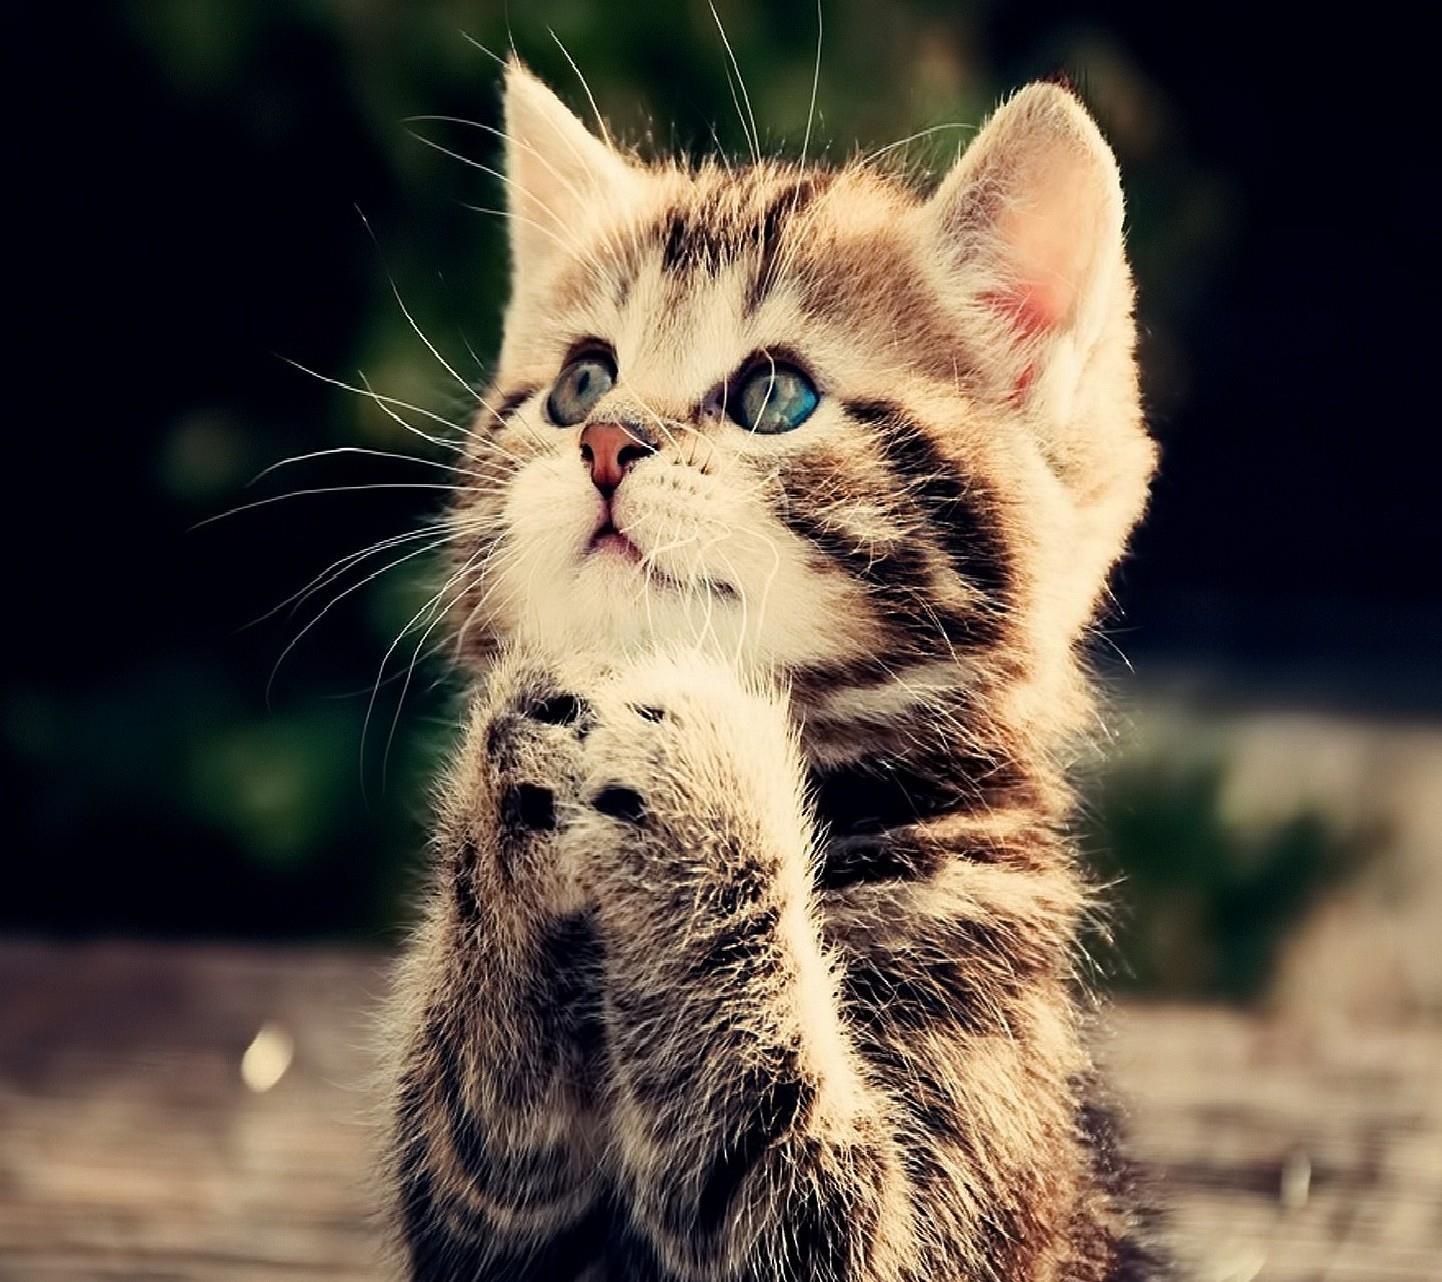 Un gattino che sembra pregare - Sfondi per Android, i più belli da scaricare gratis